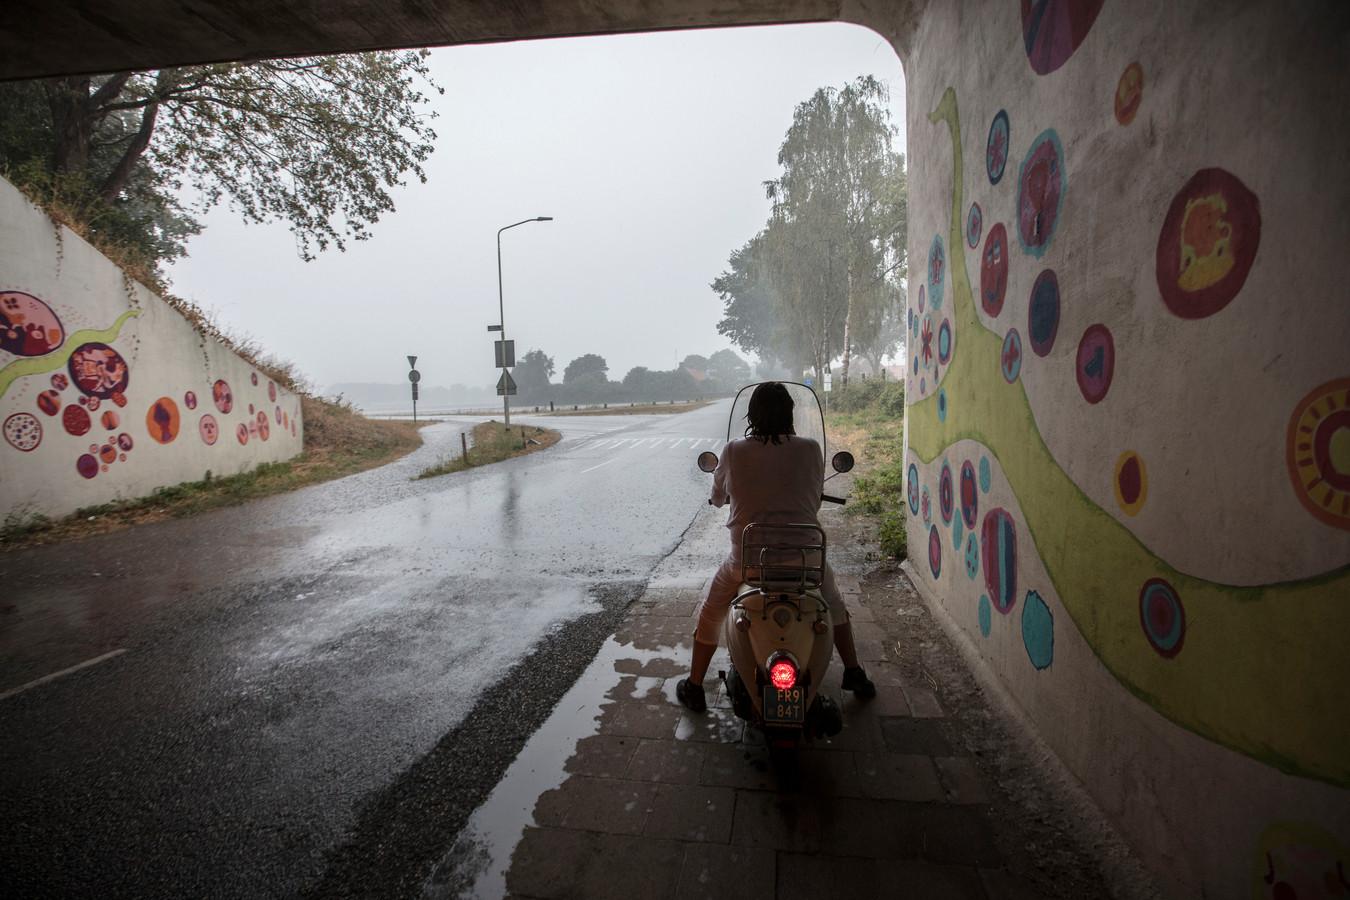 Hevige stortregen zorgt voor wateroverlast in de omgeving van Lierop.